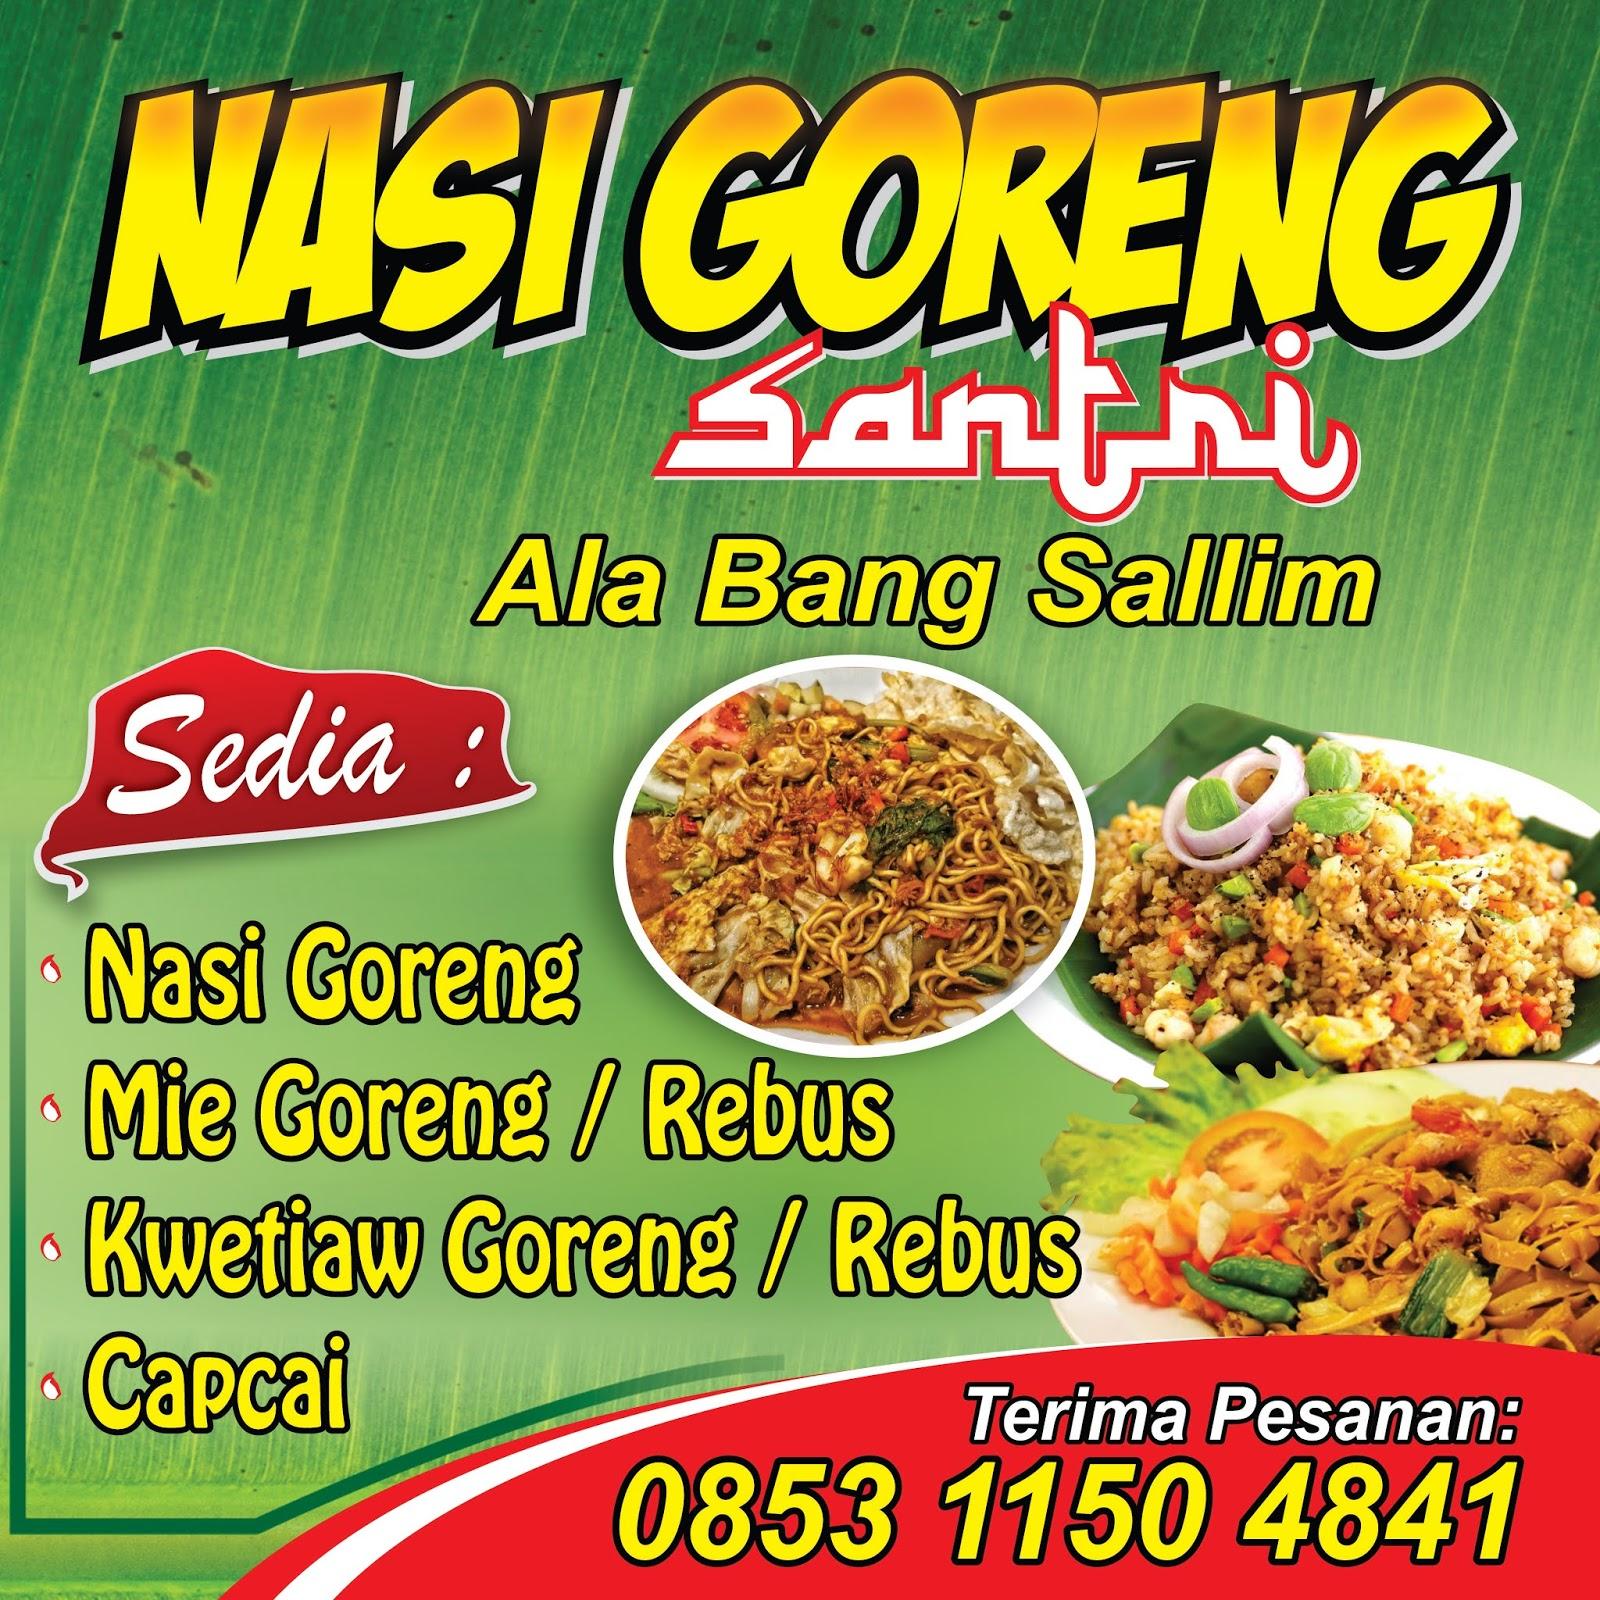 Contoh Banner Nasi Goreng Spesial